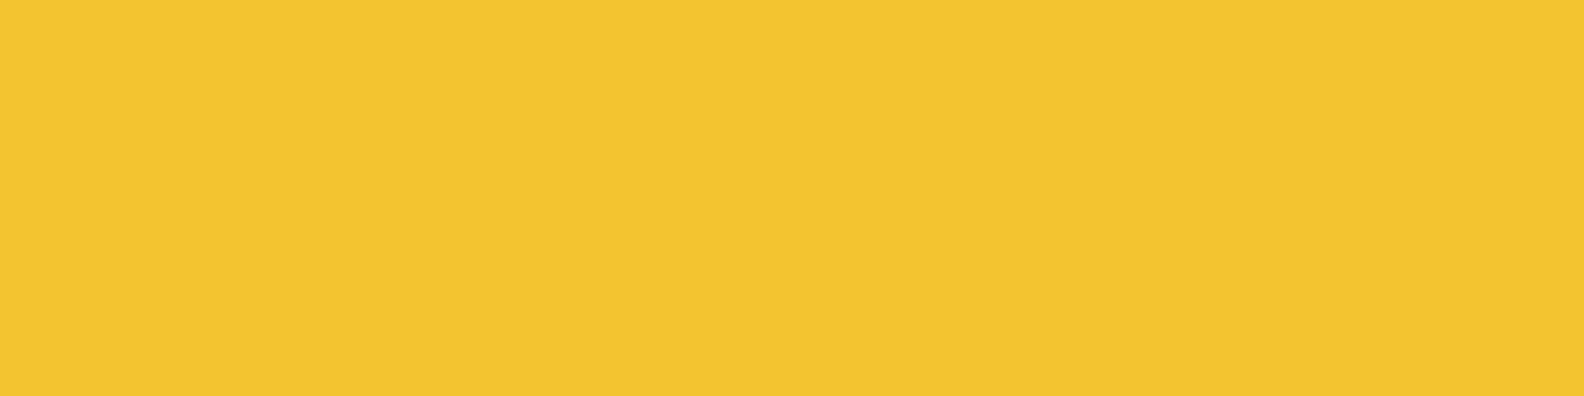 1584x396 Saffron Solid Color Background